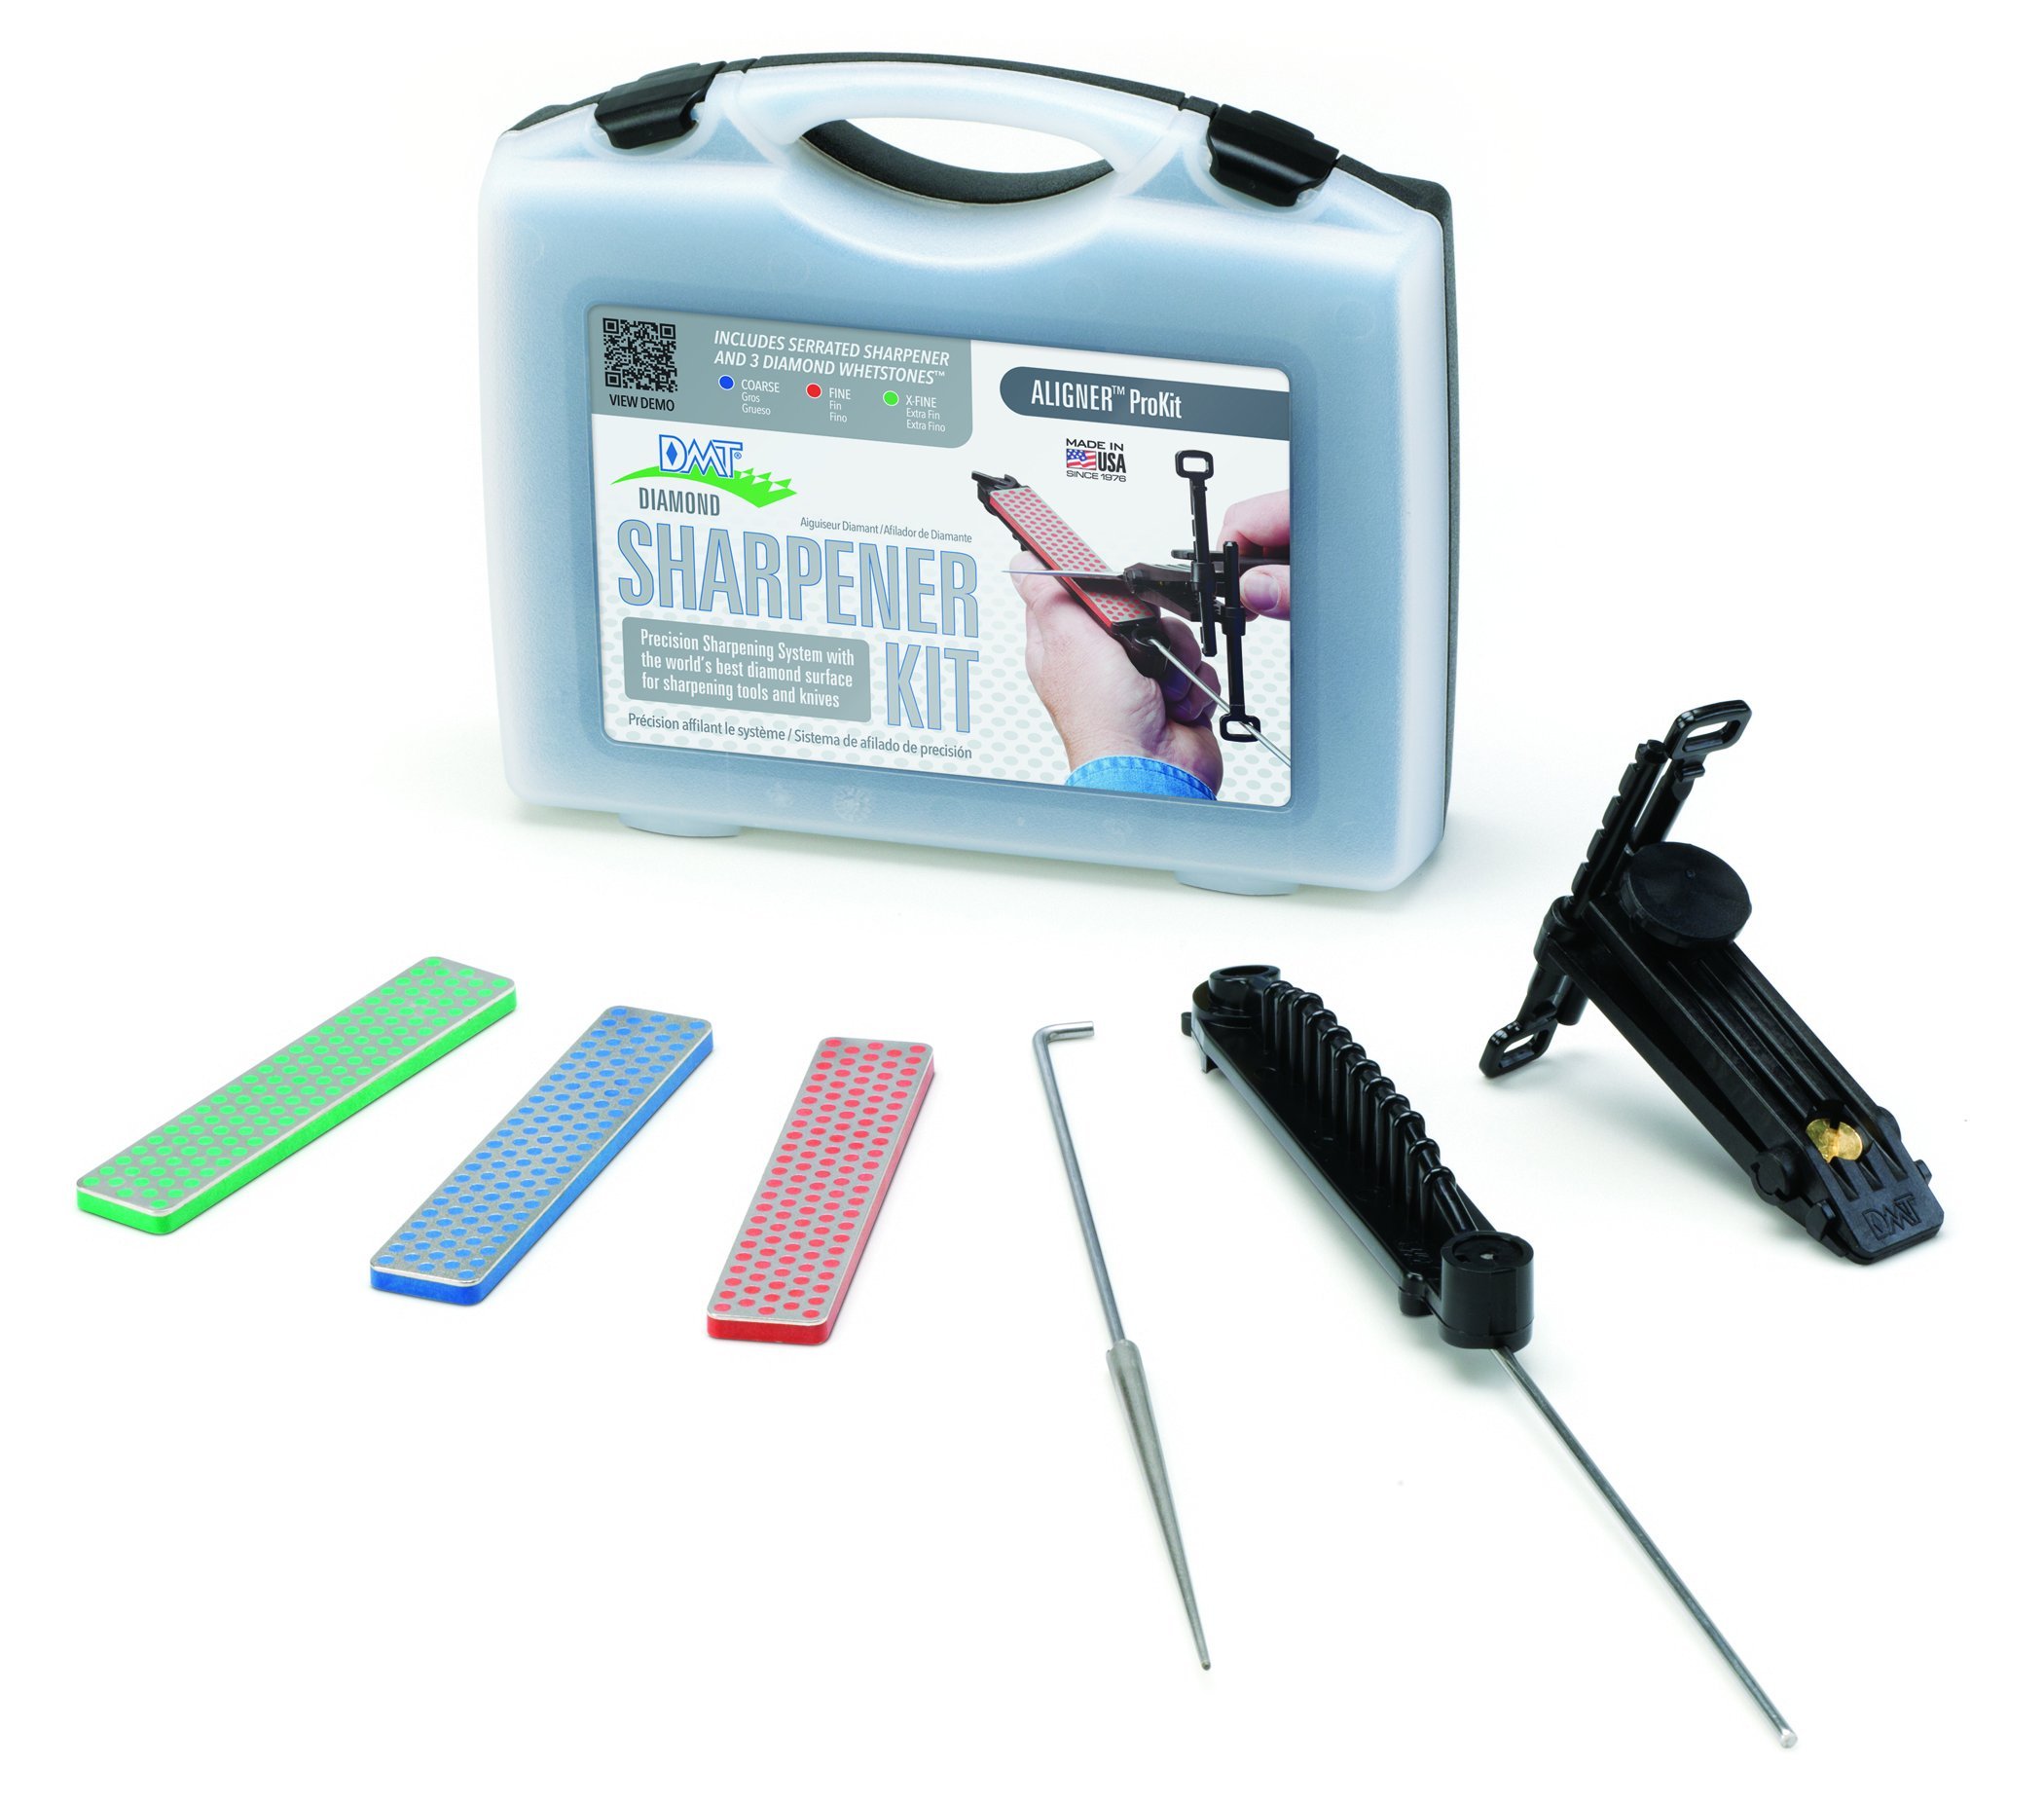 DMT A-PROKIT Aligner Prokit Diamond Sharpener